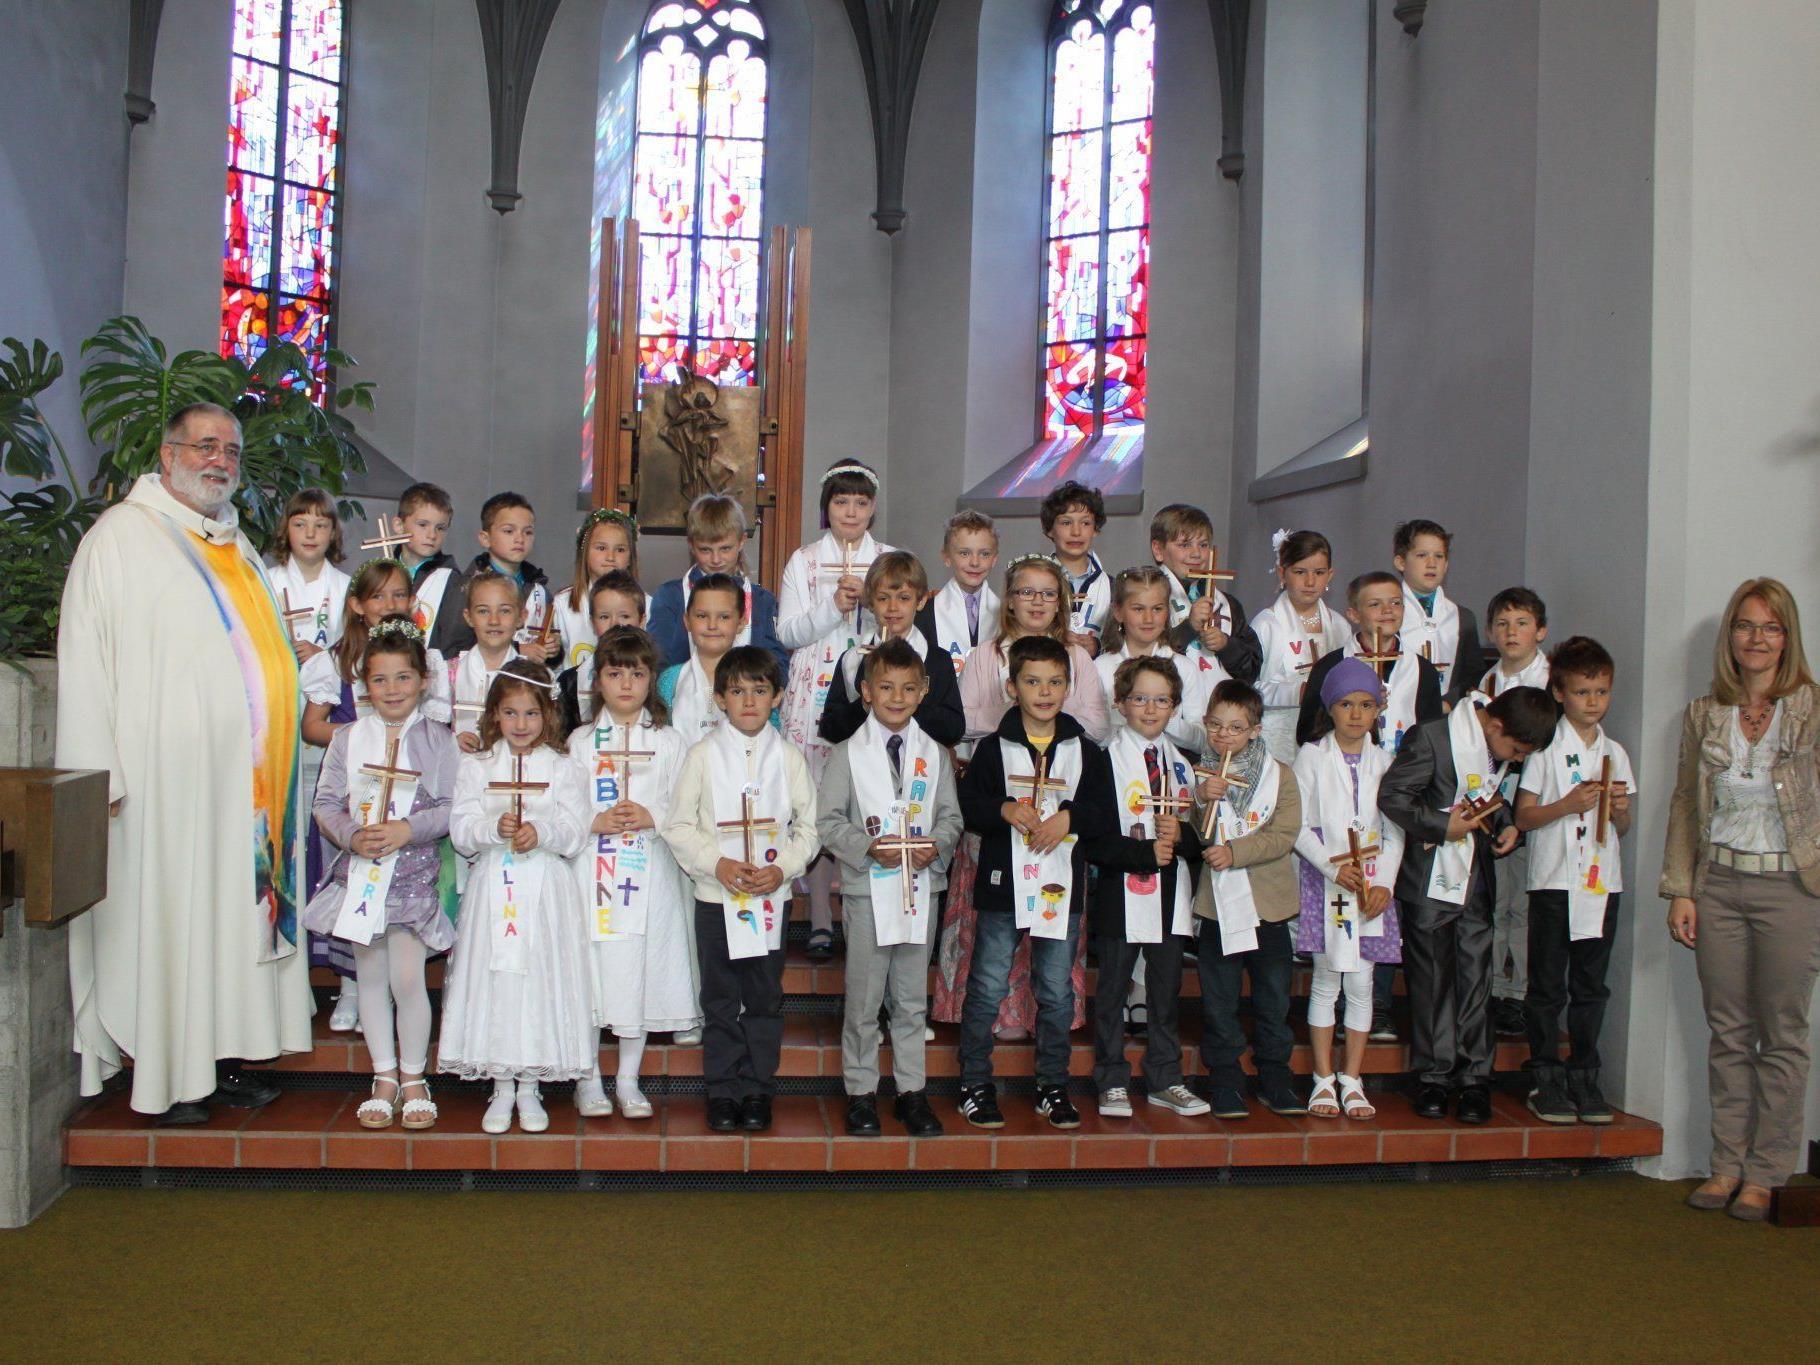 Dankfeier zur Erstkommunion in der Pfarre Göfis mit Pfarrer Norman Buschauer.